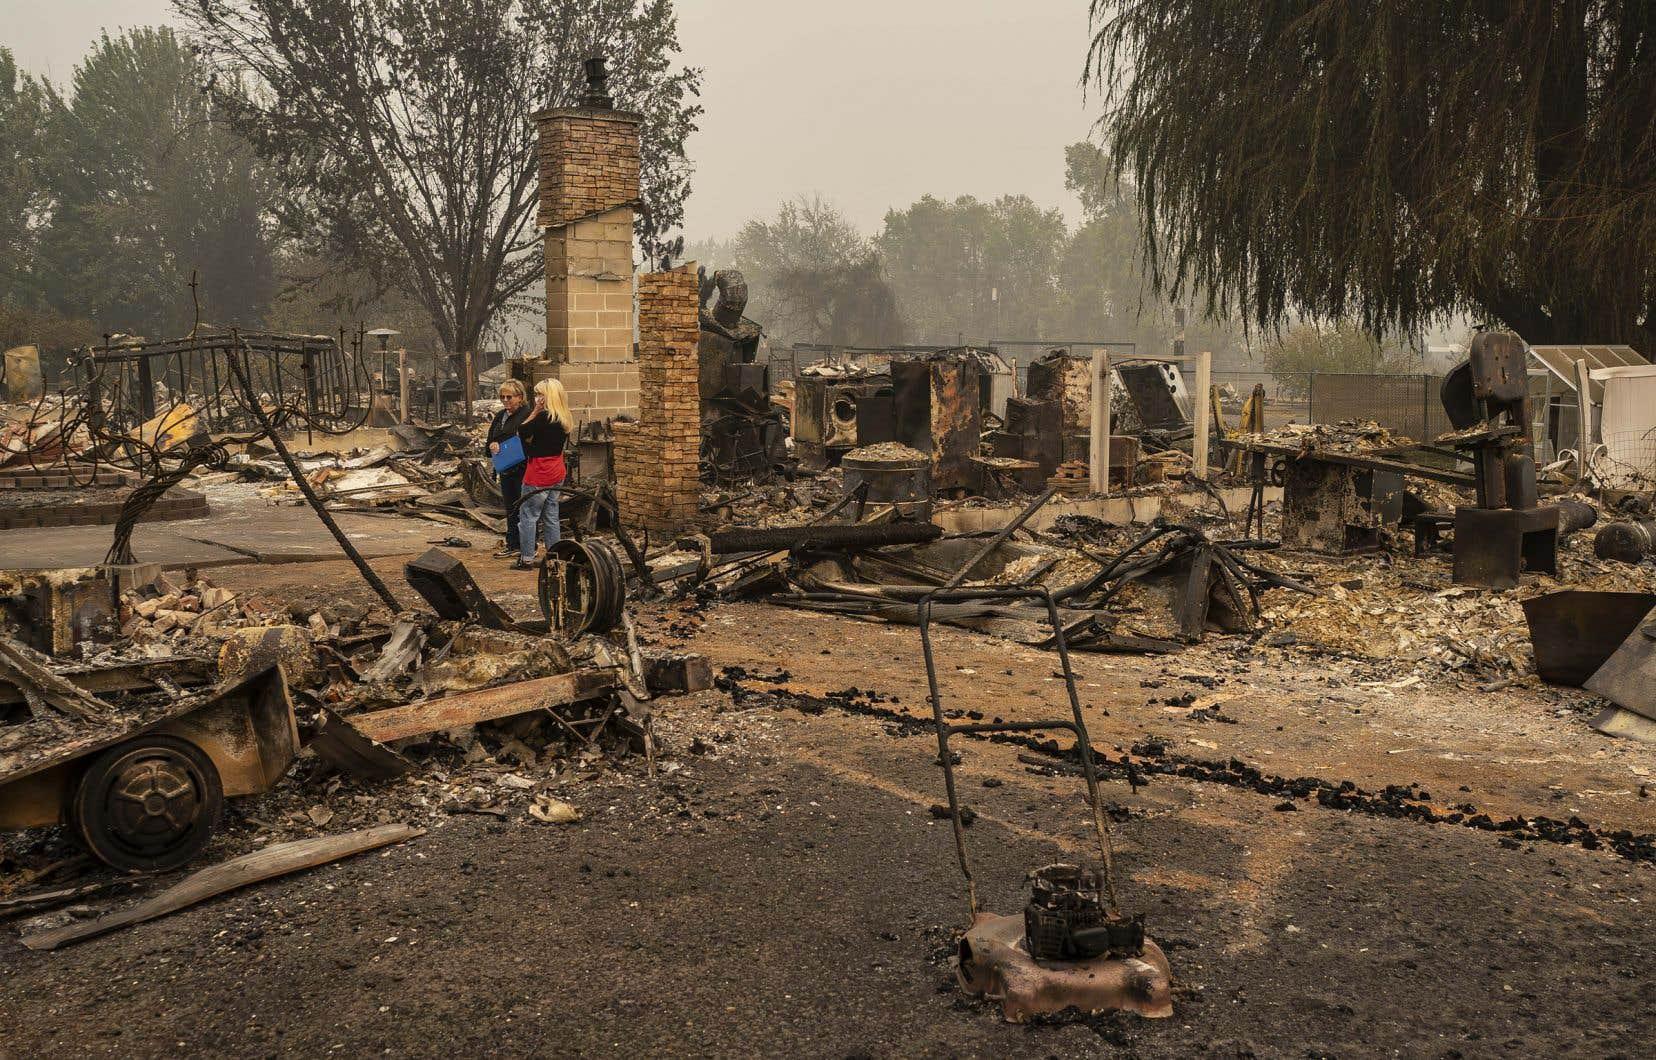 Des quartiers entiers de la petite ville de Talent, en Oregon, ont été dévastés par les flammes. Dans cet État, 10 morts ont été recensés cette semaine, mais les autorités se préparent à ce que le bilan s'alourdisse.